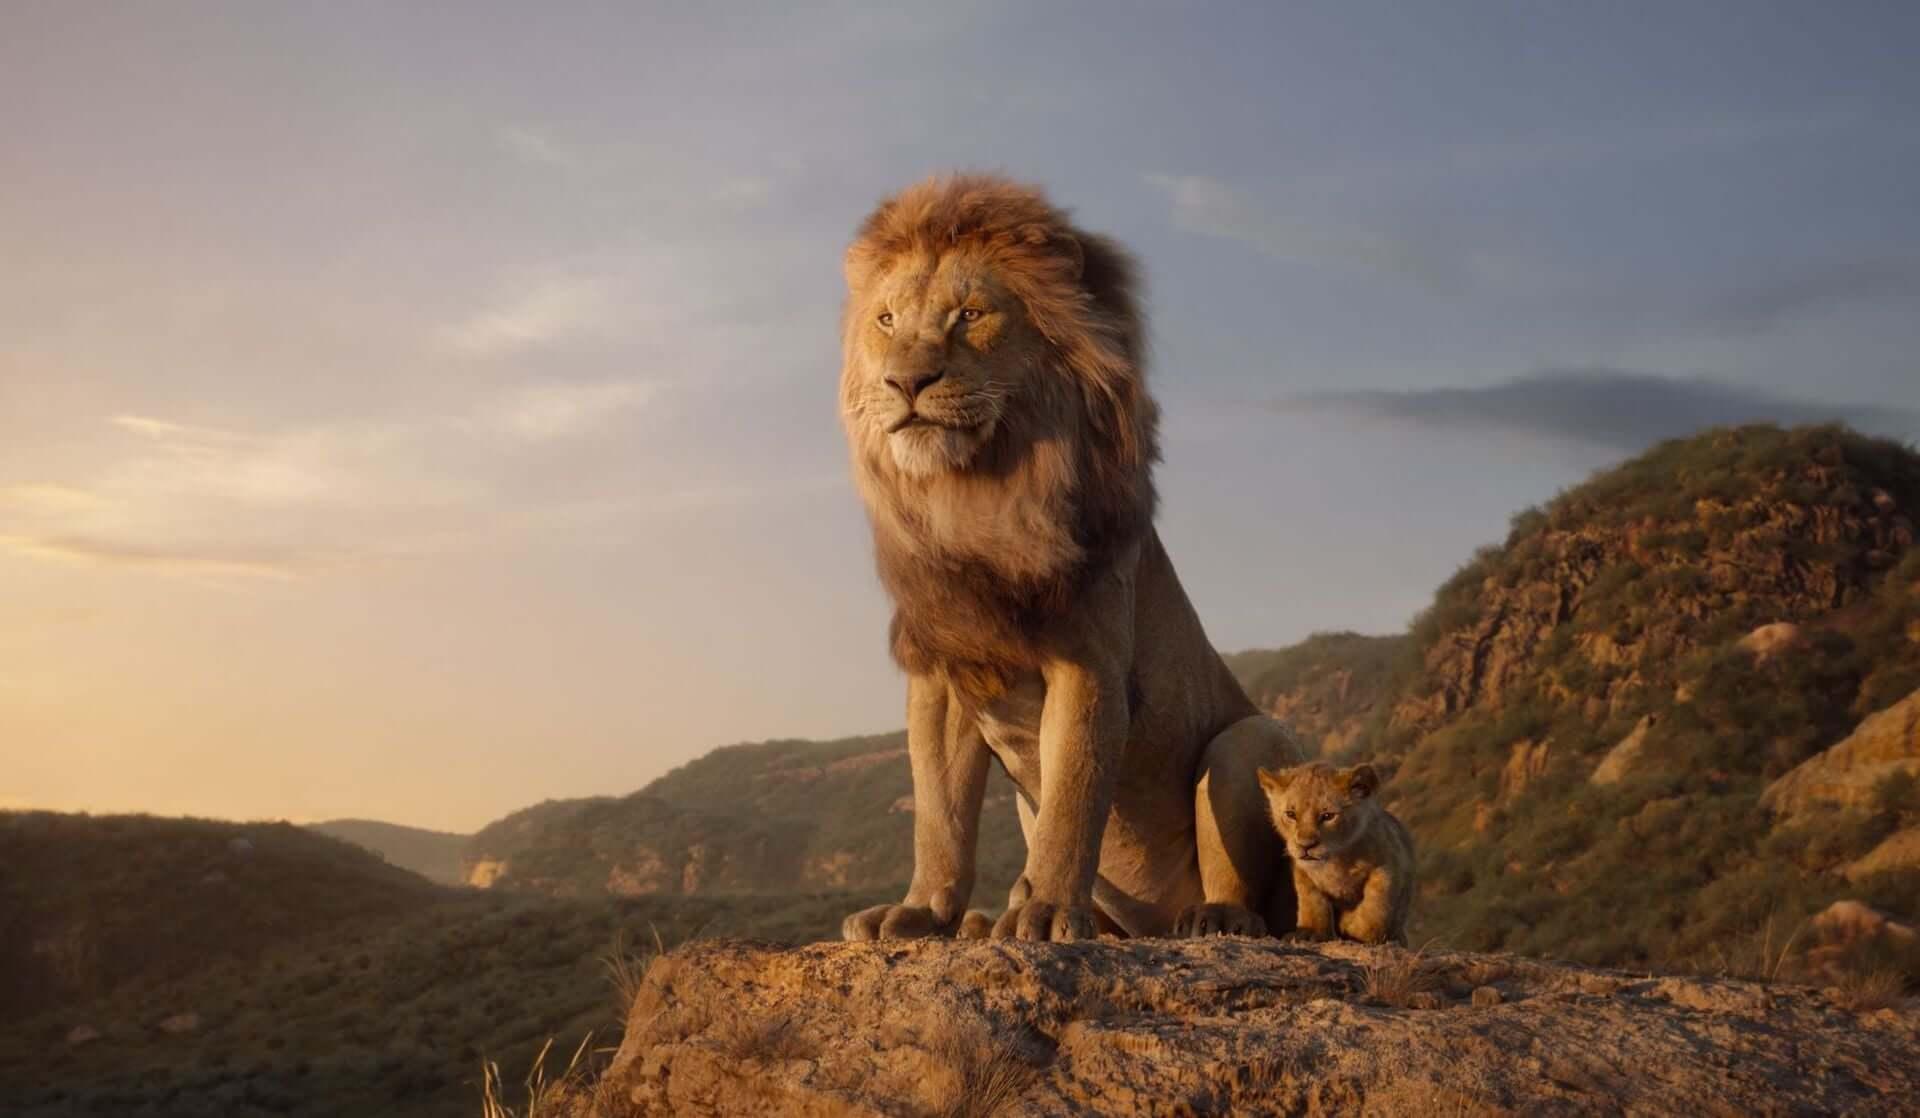 【Qetic独占】『ライオン・キング』名作曲家ハンス・ジマーが残した様々な功績とは? film190627_lionking_hanszimmer_1-1920x1118